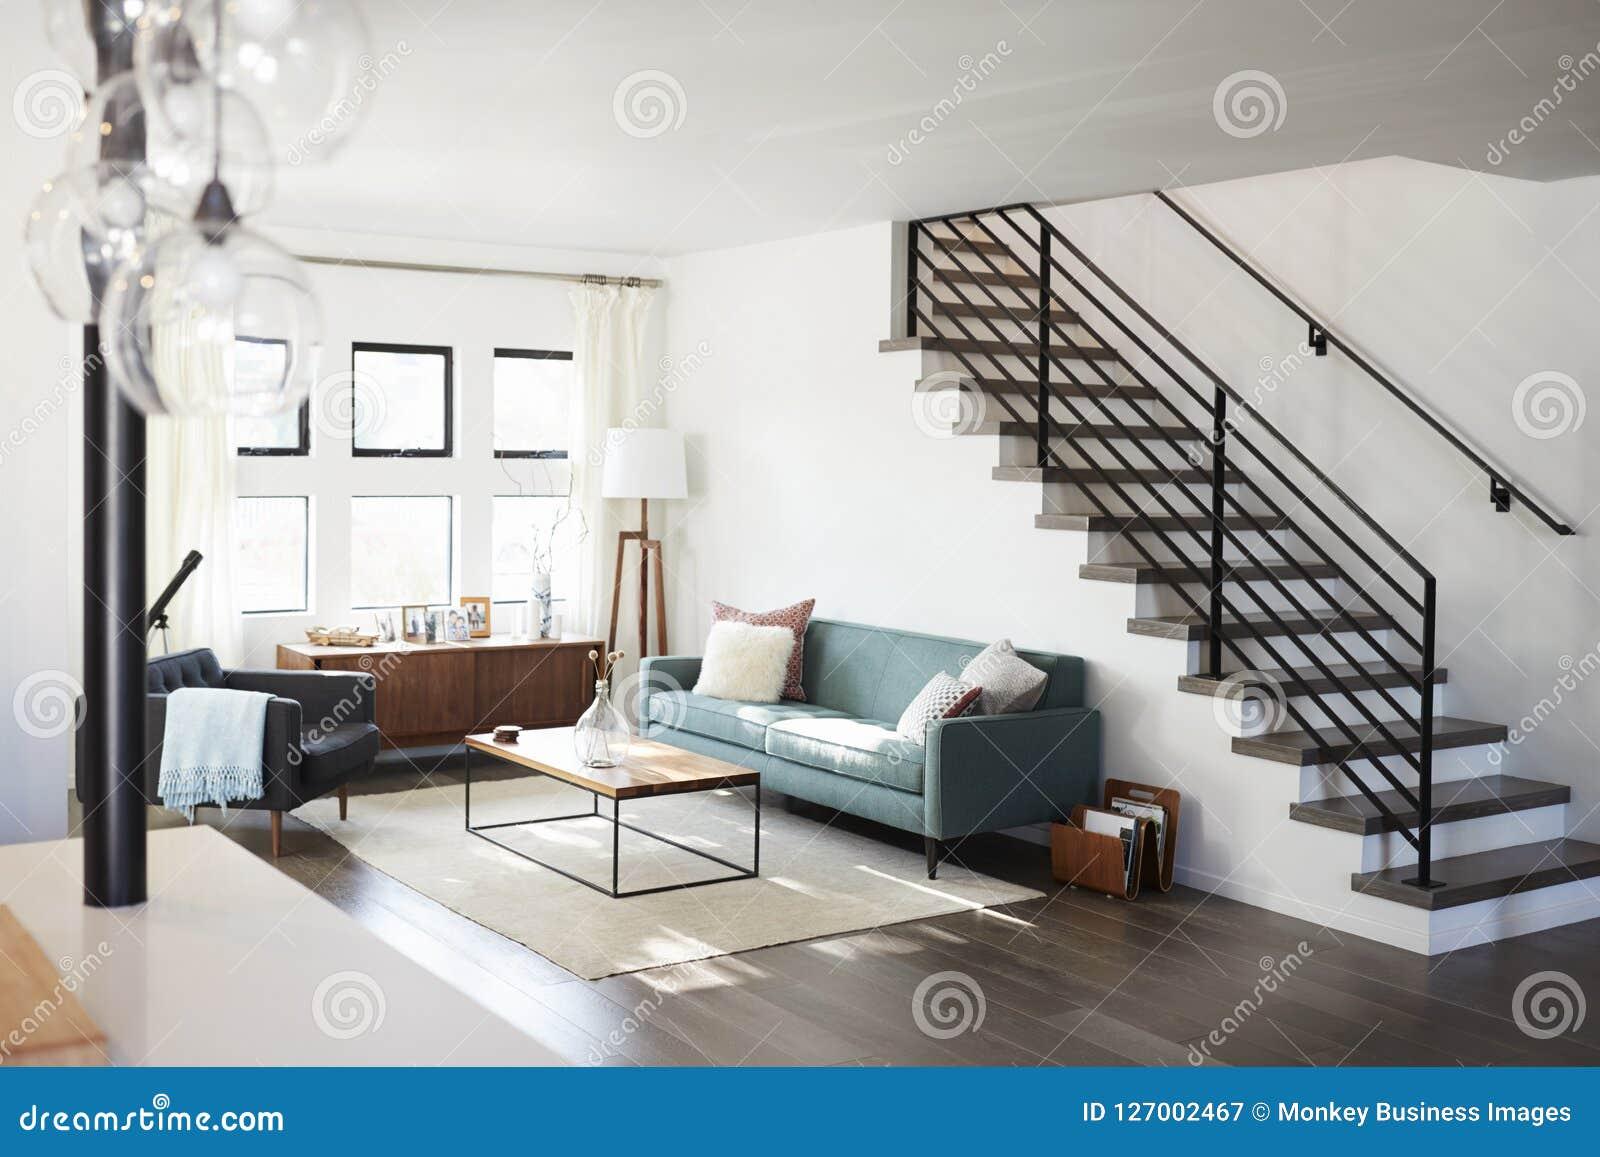 Escalier Dans Un Salon vue intérieure de salon contemporain avec l'escalier image